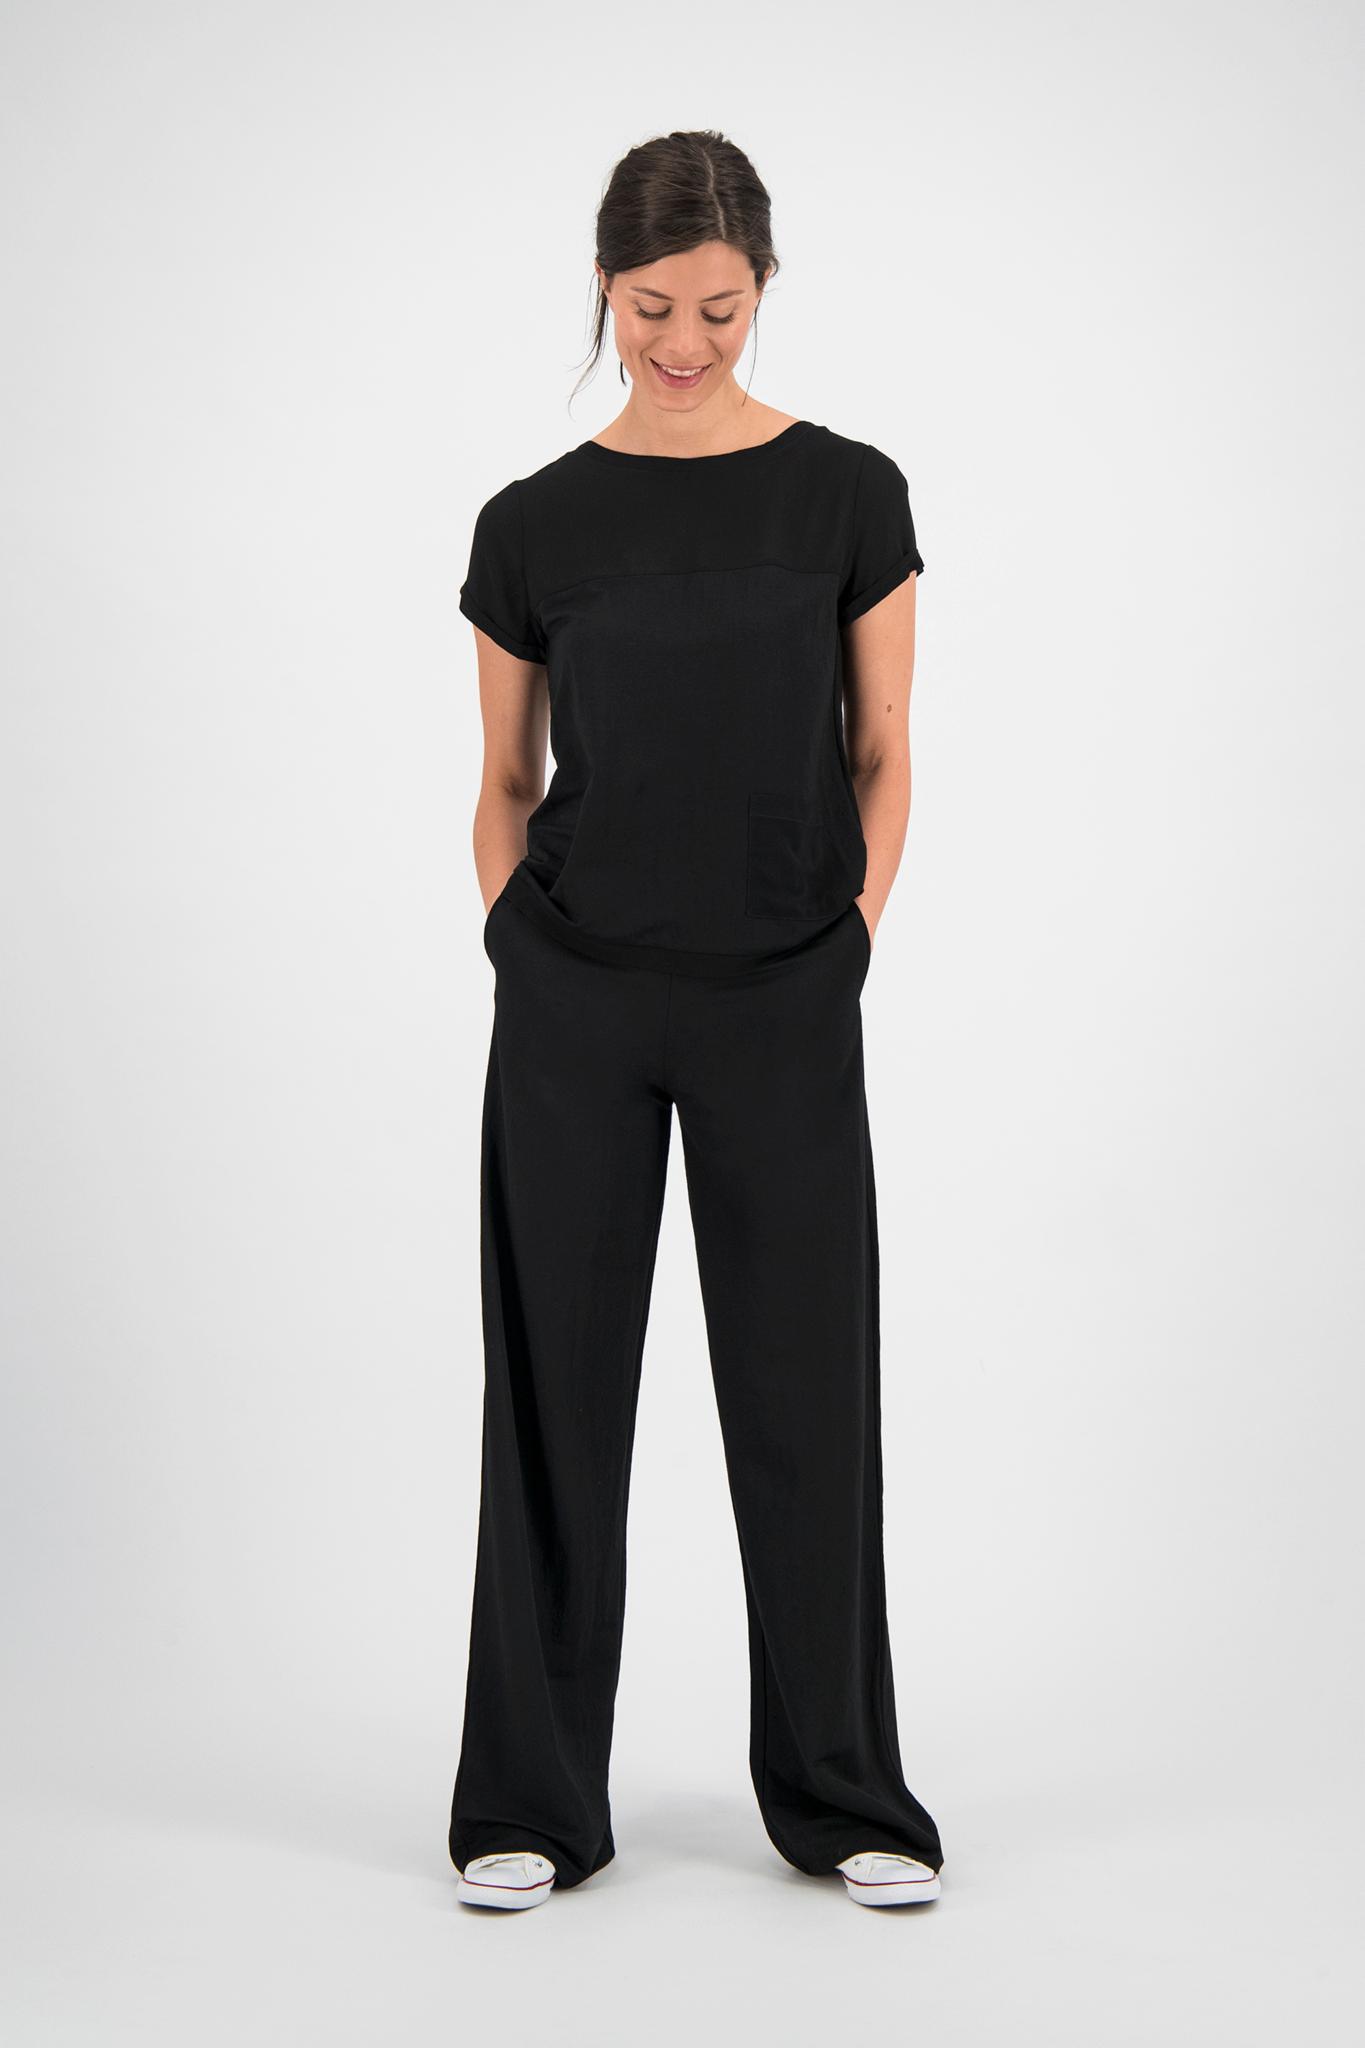 SYLVER Crêpe Stretch Shirt - Black